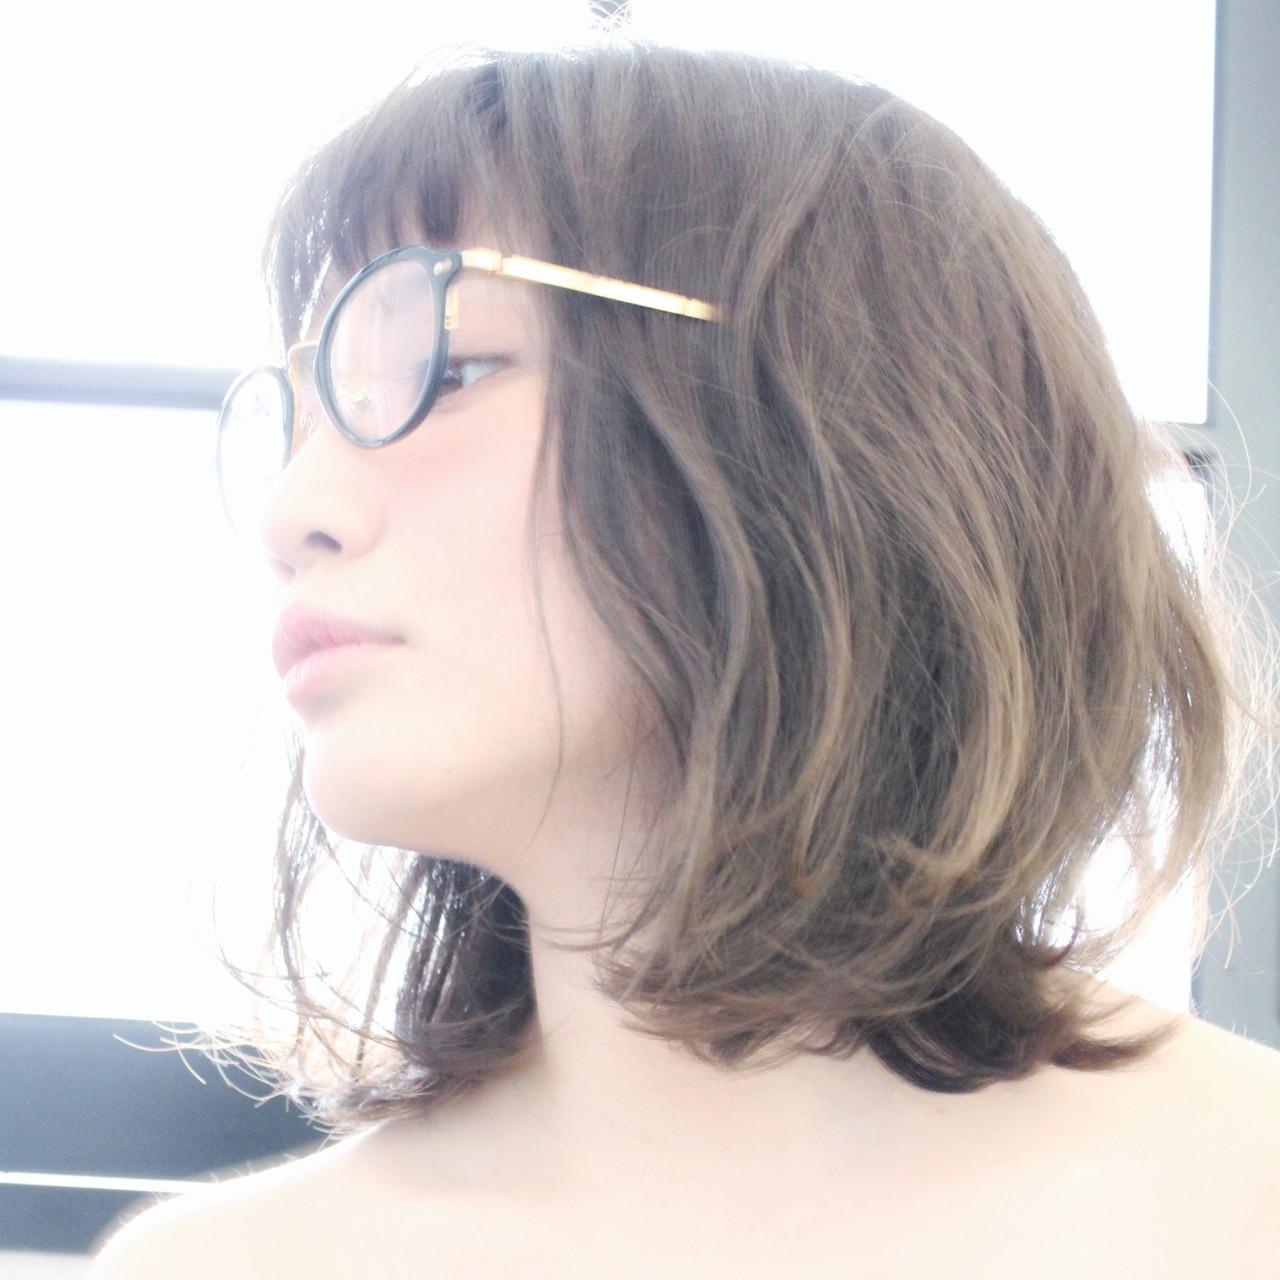 アッシュ ゆるふわ グレージュ ボブ ヘアスタイルや髪型の写真・画像 | 上田智久 / ooit 福岡 天神 / ooit